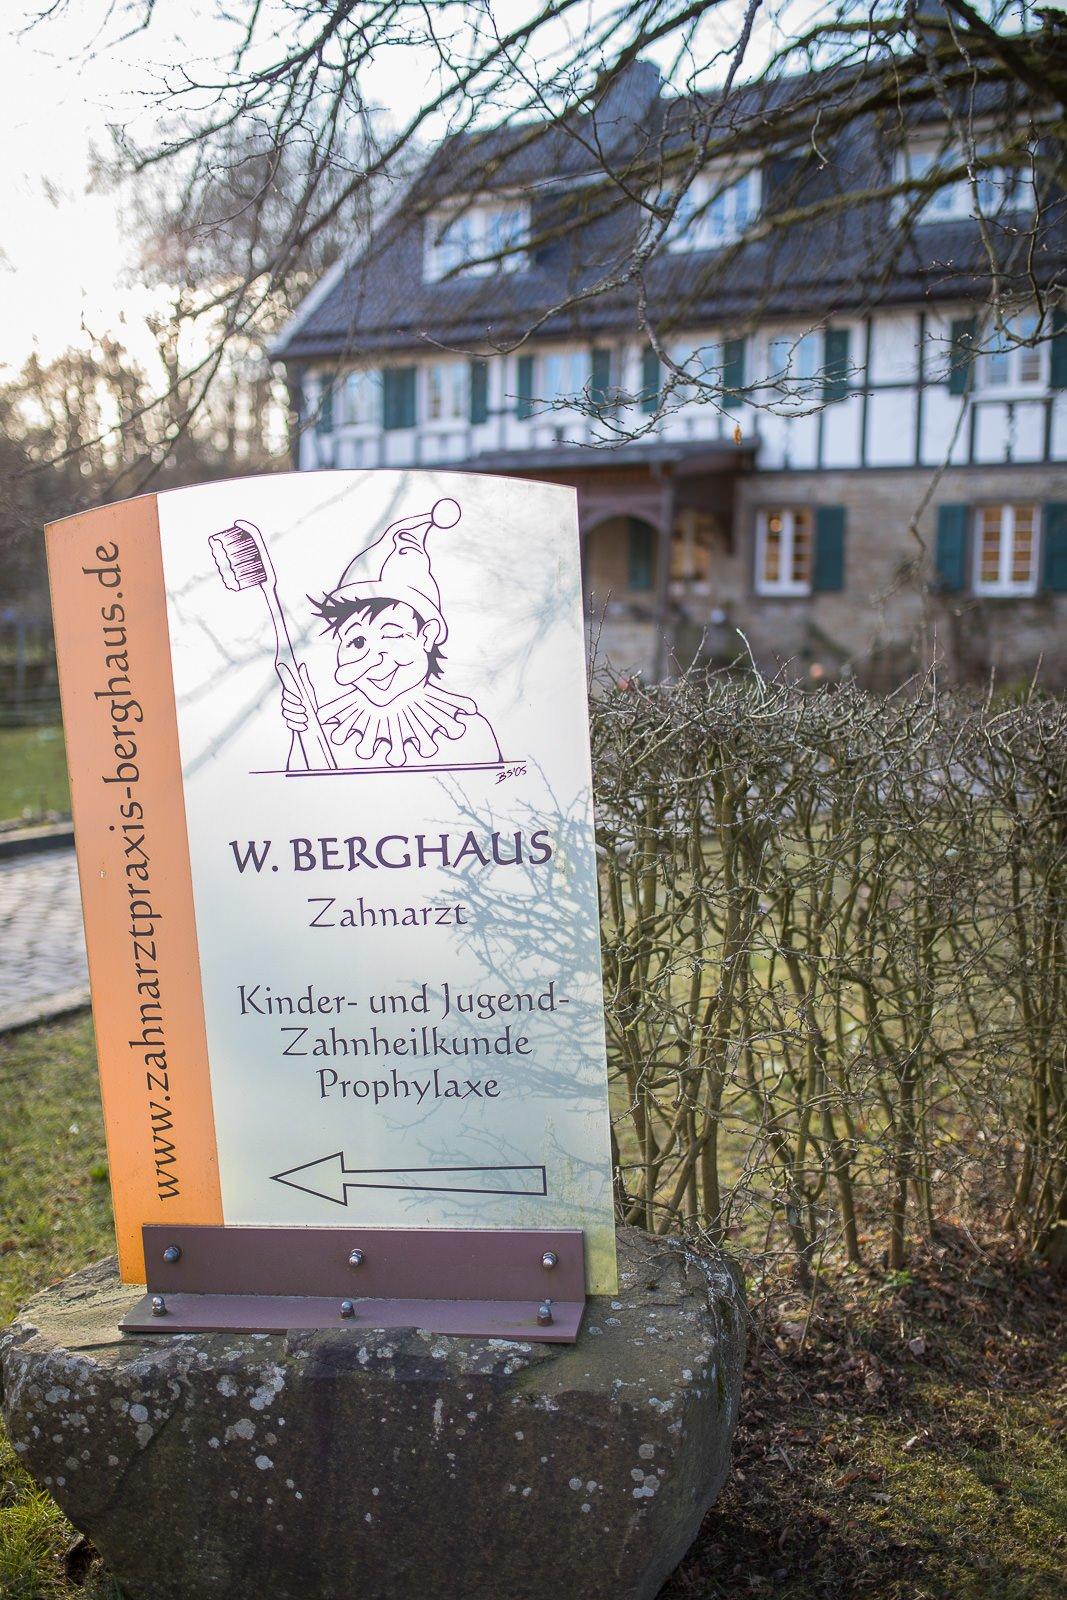 kinderzahnarzt Berghaus wallenfeld